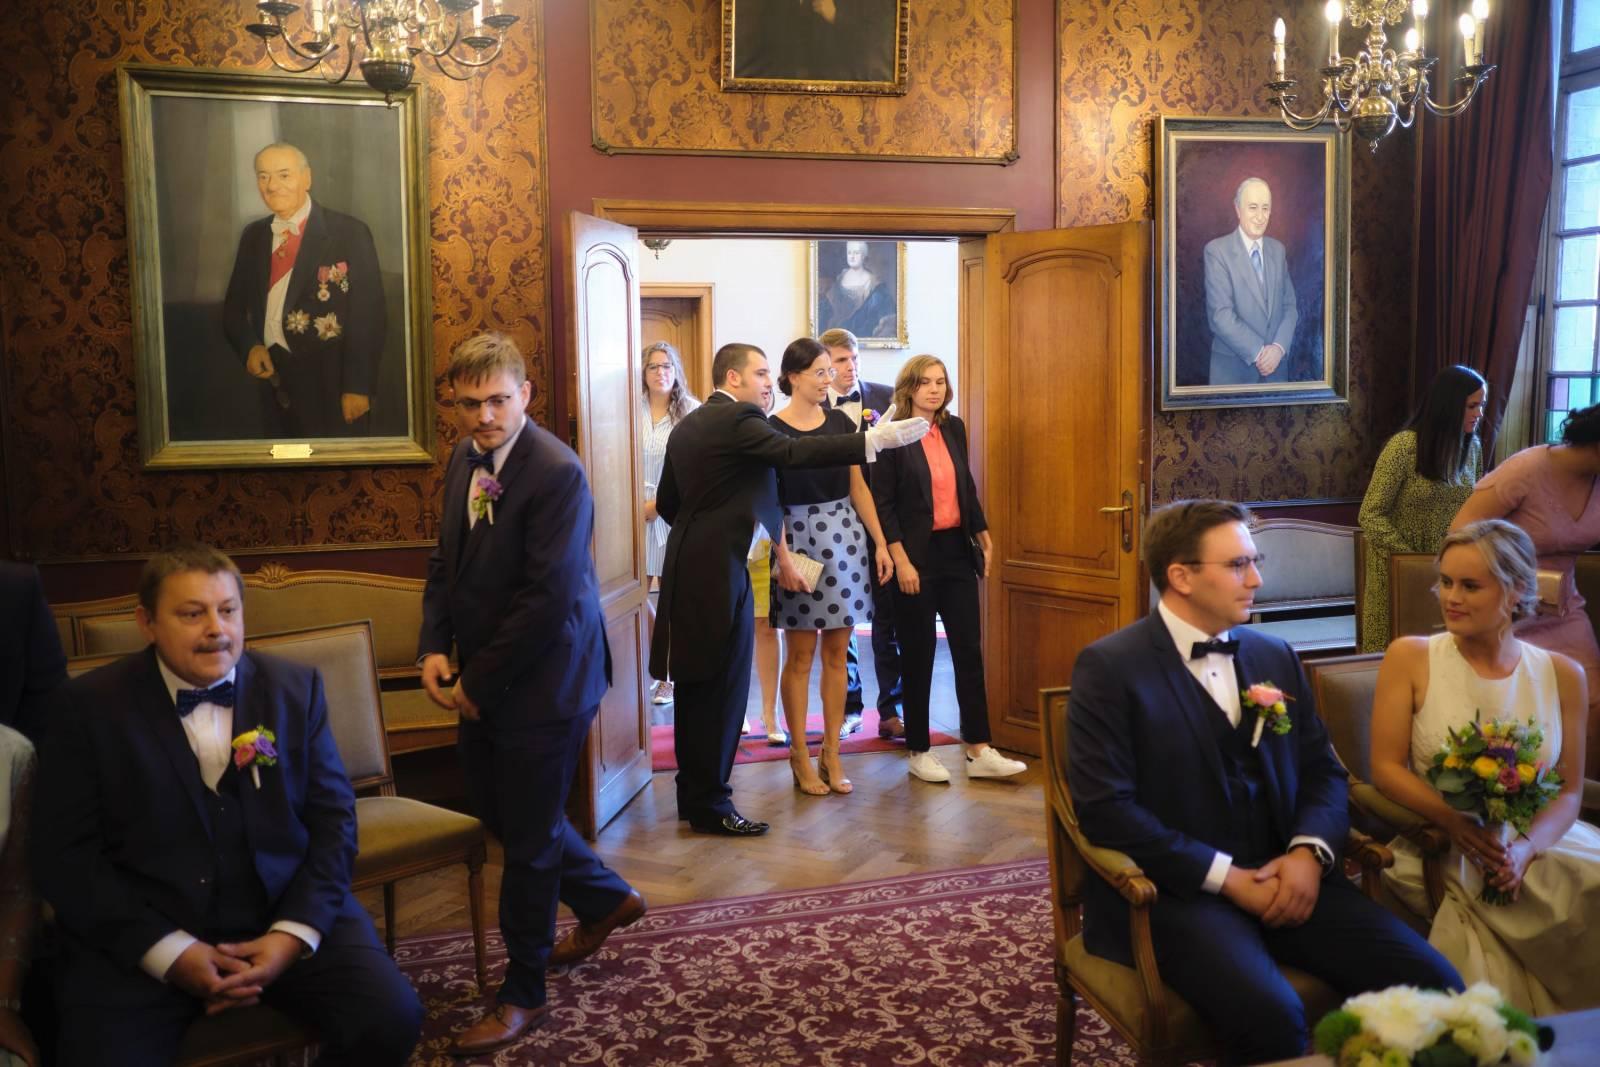 Lamont Ceremonie - Ceremonie - Fotograaf AF Fotografie - House of Weddings - 2